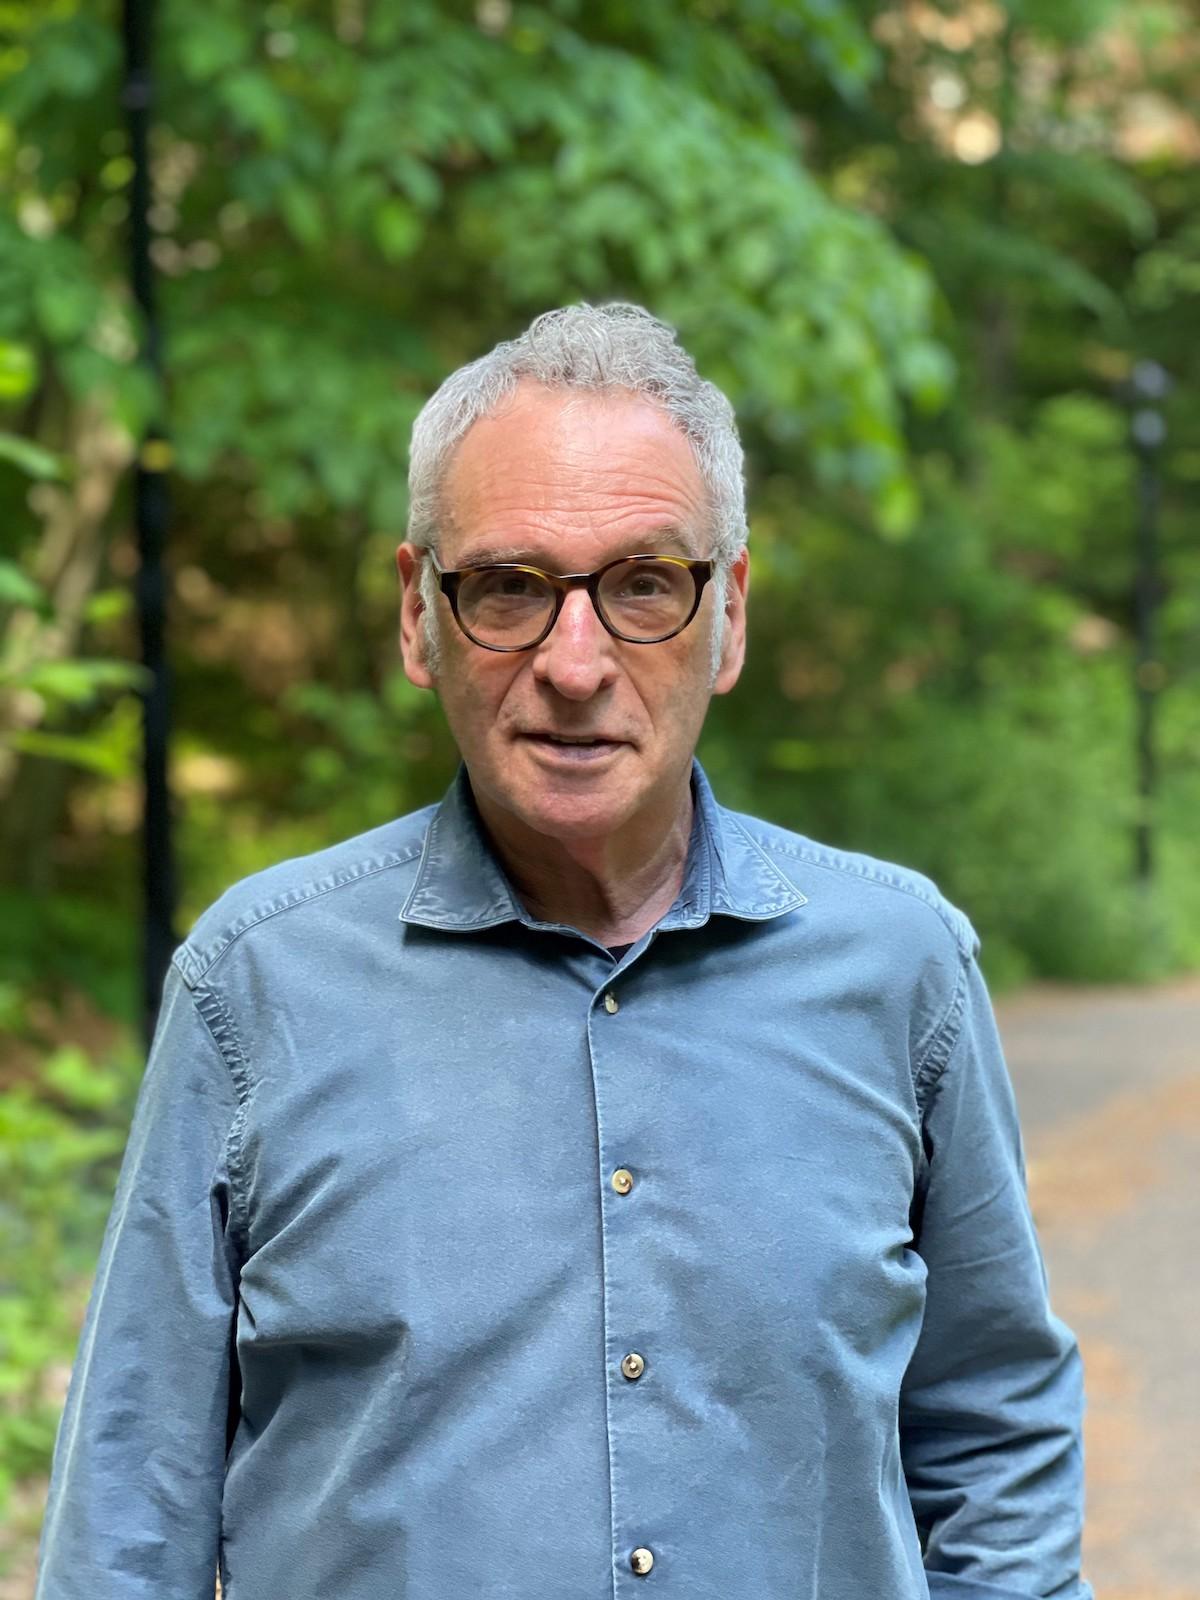 Charles Dellheim